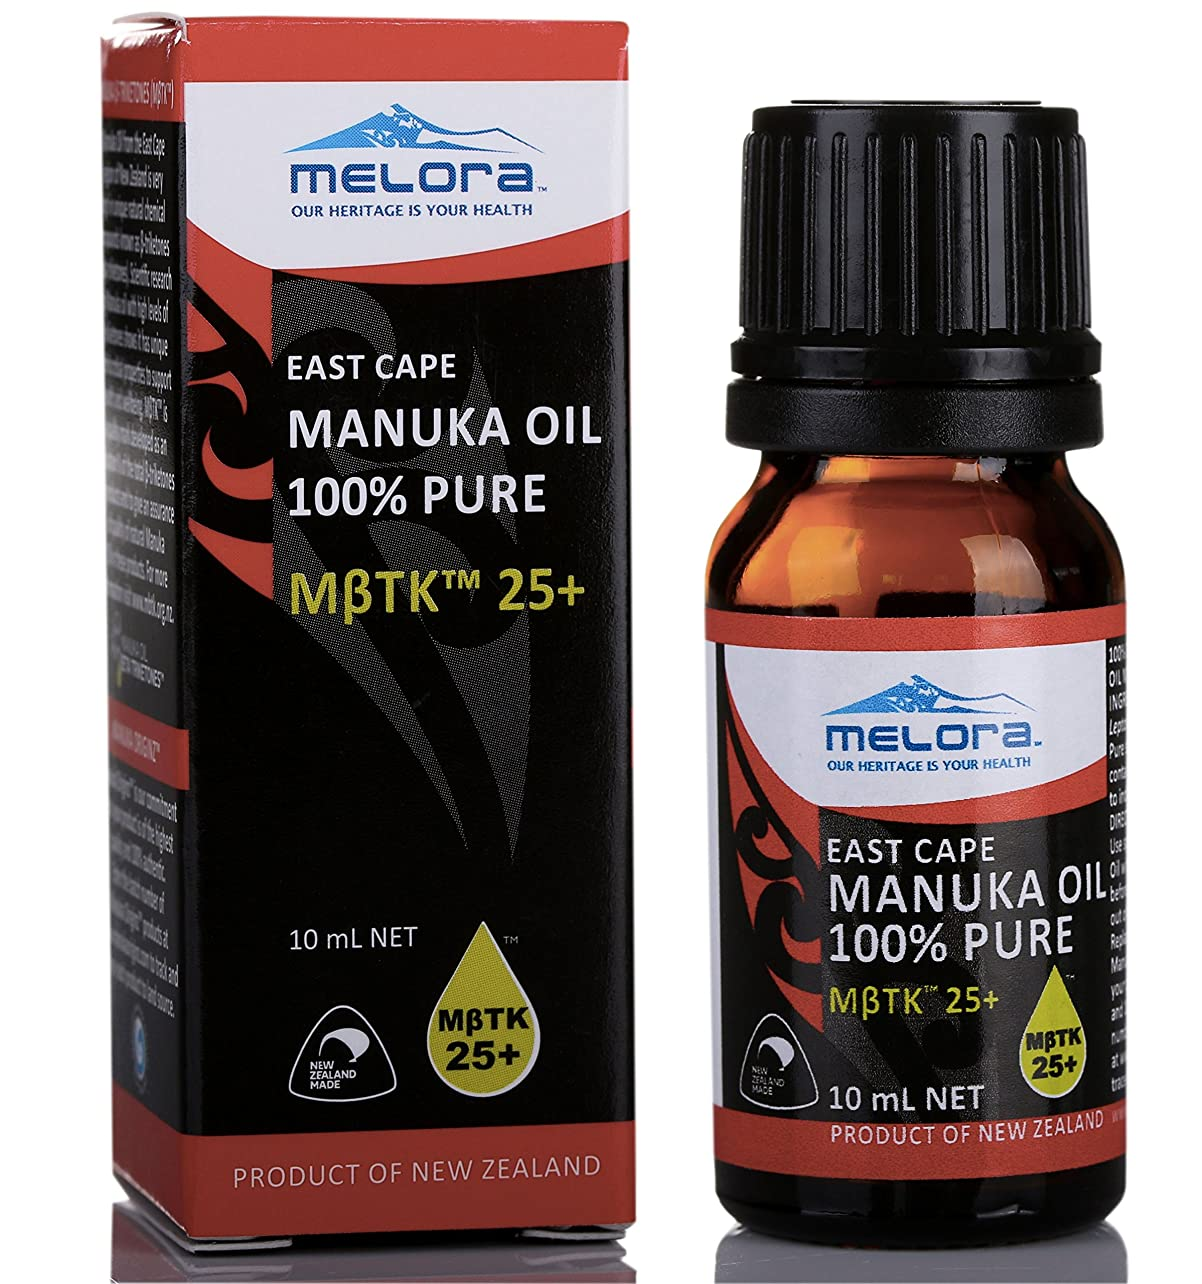 西組み込む番号EAST CAPE MANUKA OIL 100%PURE MBTK 25+ 100%マヌカオイル(精油) 10ml